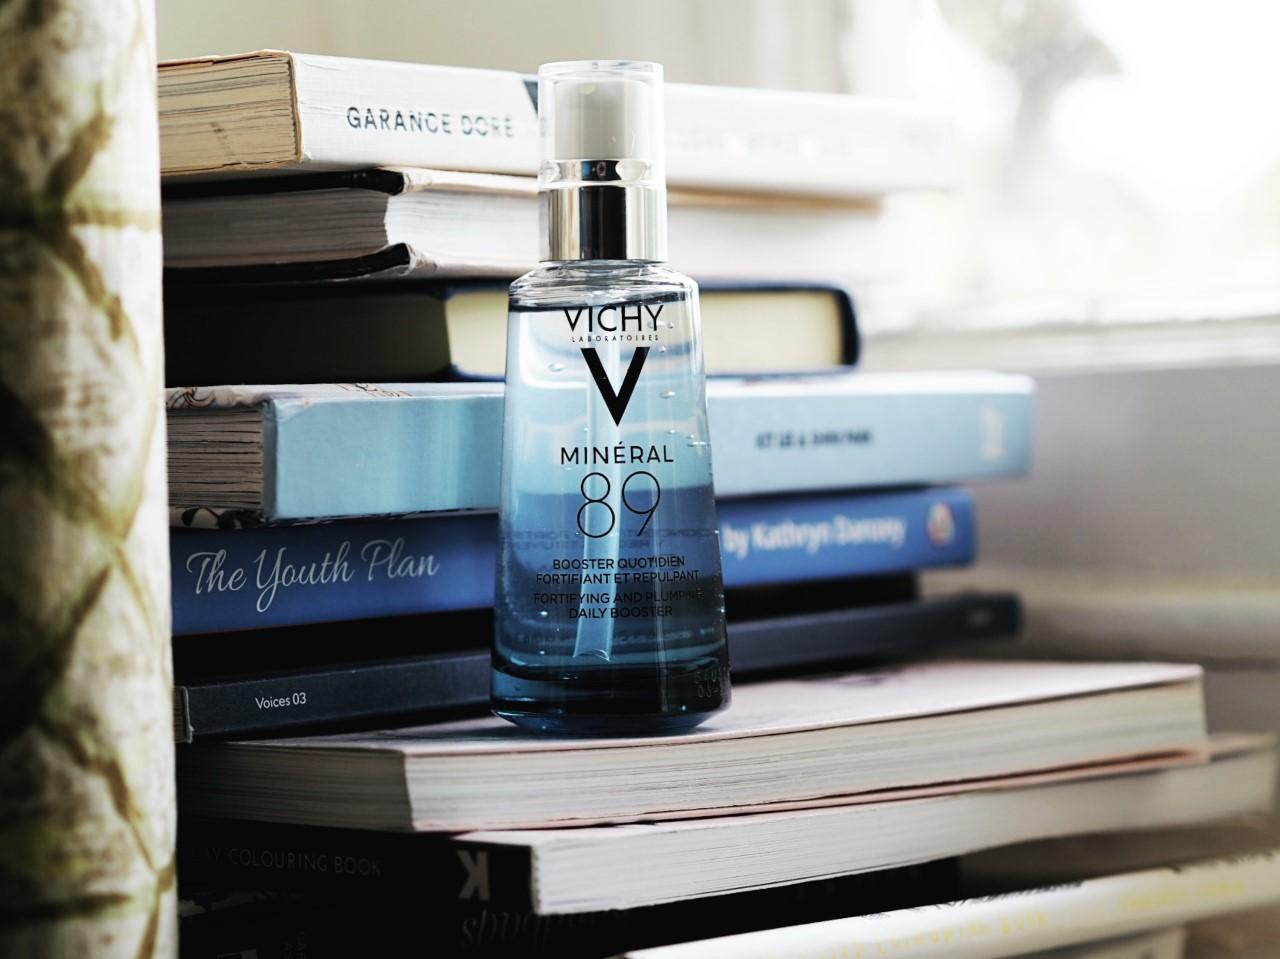 Vichy 'Mineral 89' Serum